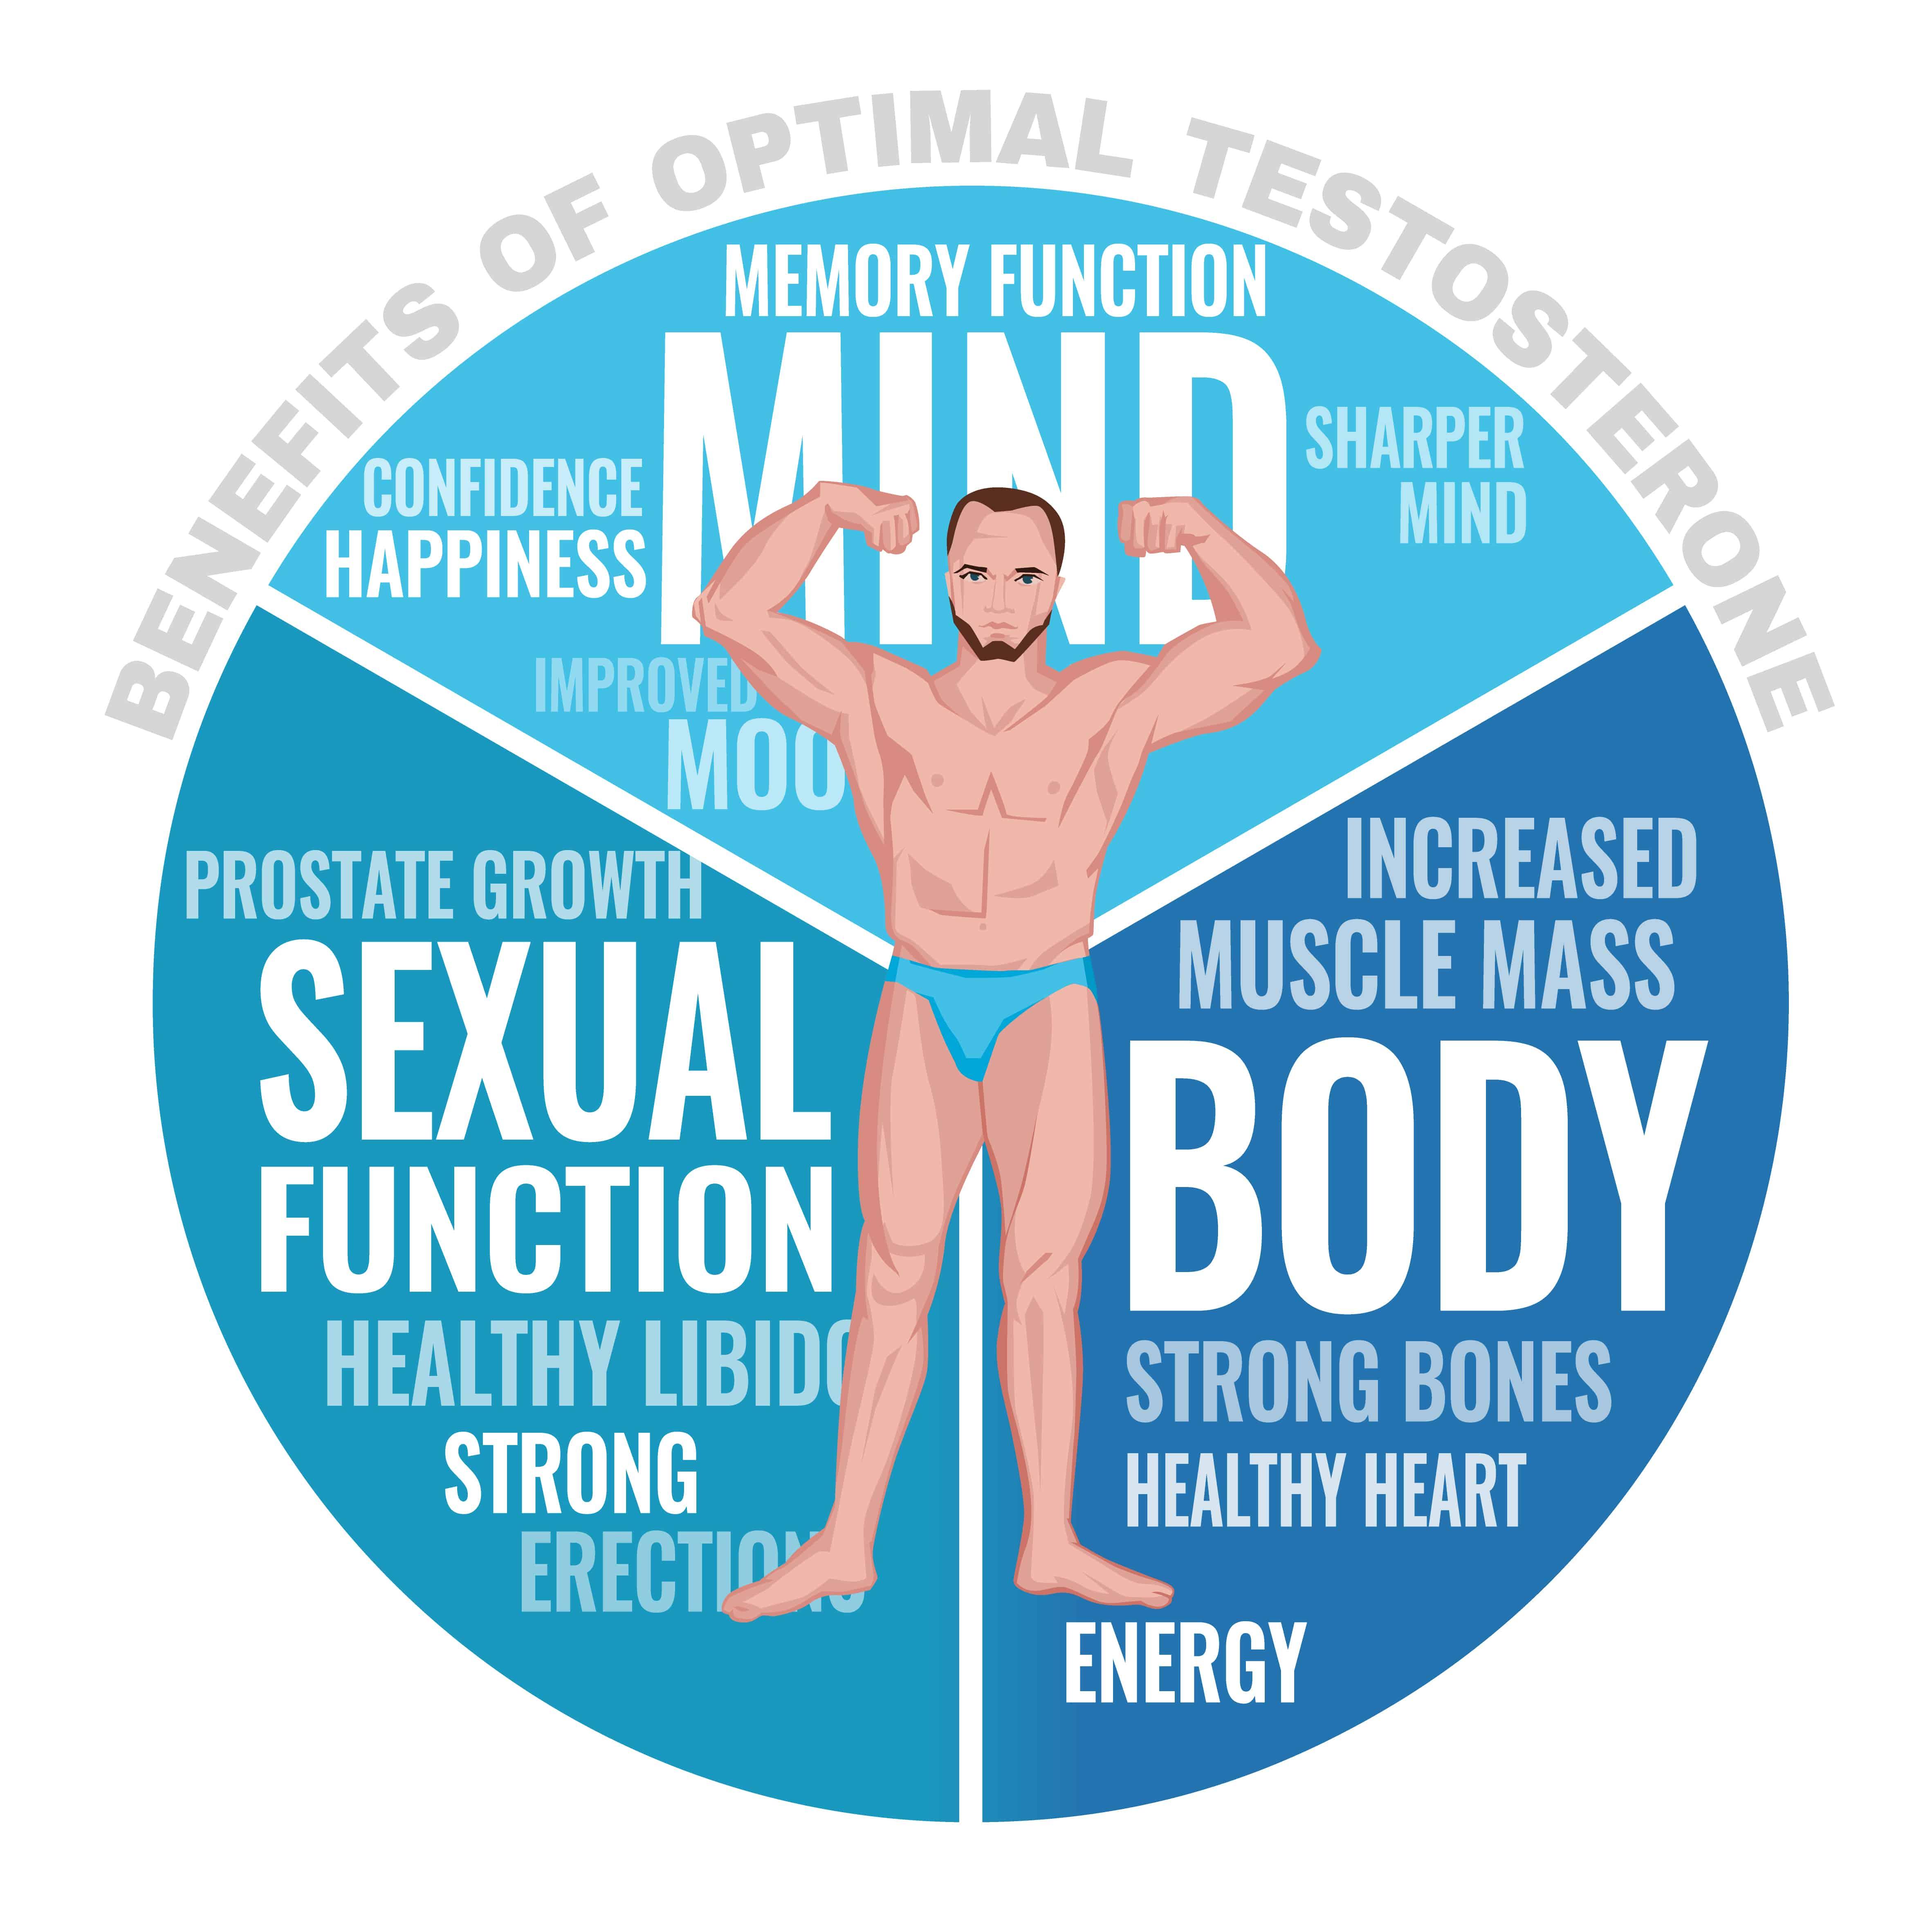 テストステロンは男性にとって不可欠な栄養素